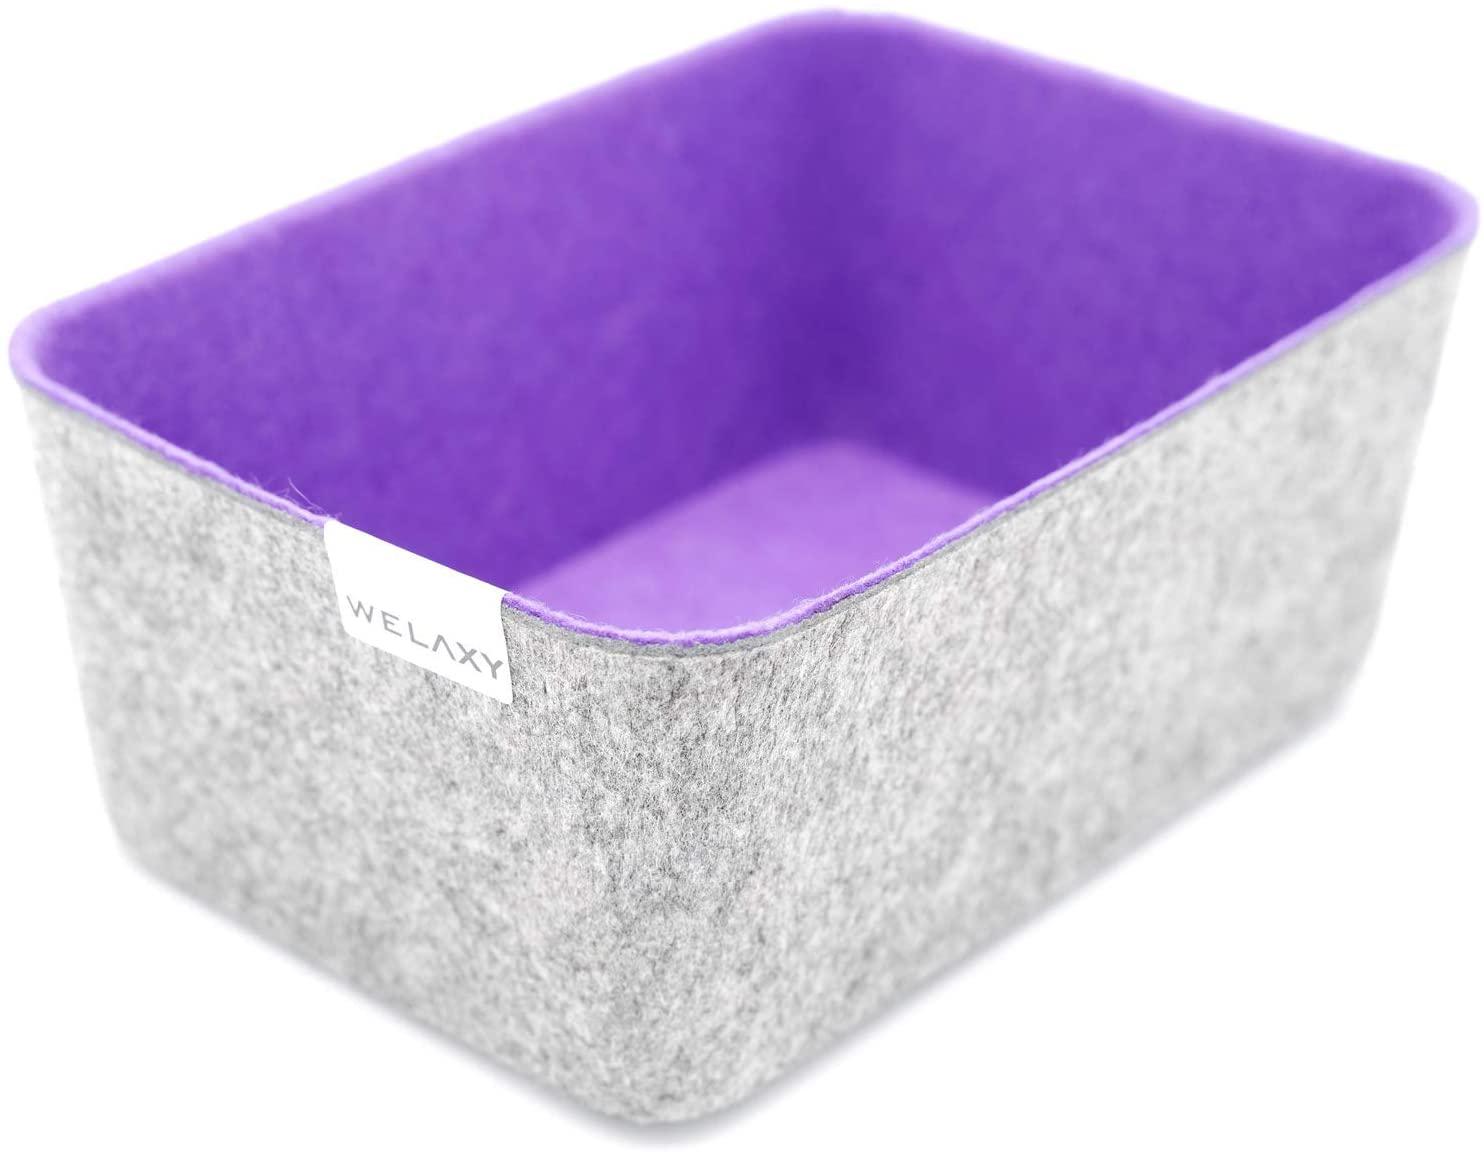 Welaxy Felt Storage bin Desktop Organizer Bins Drawer Organizer bin Drawers Divider Box (Purple, 1)